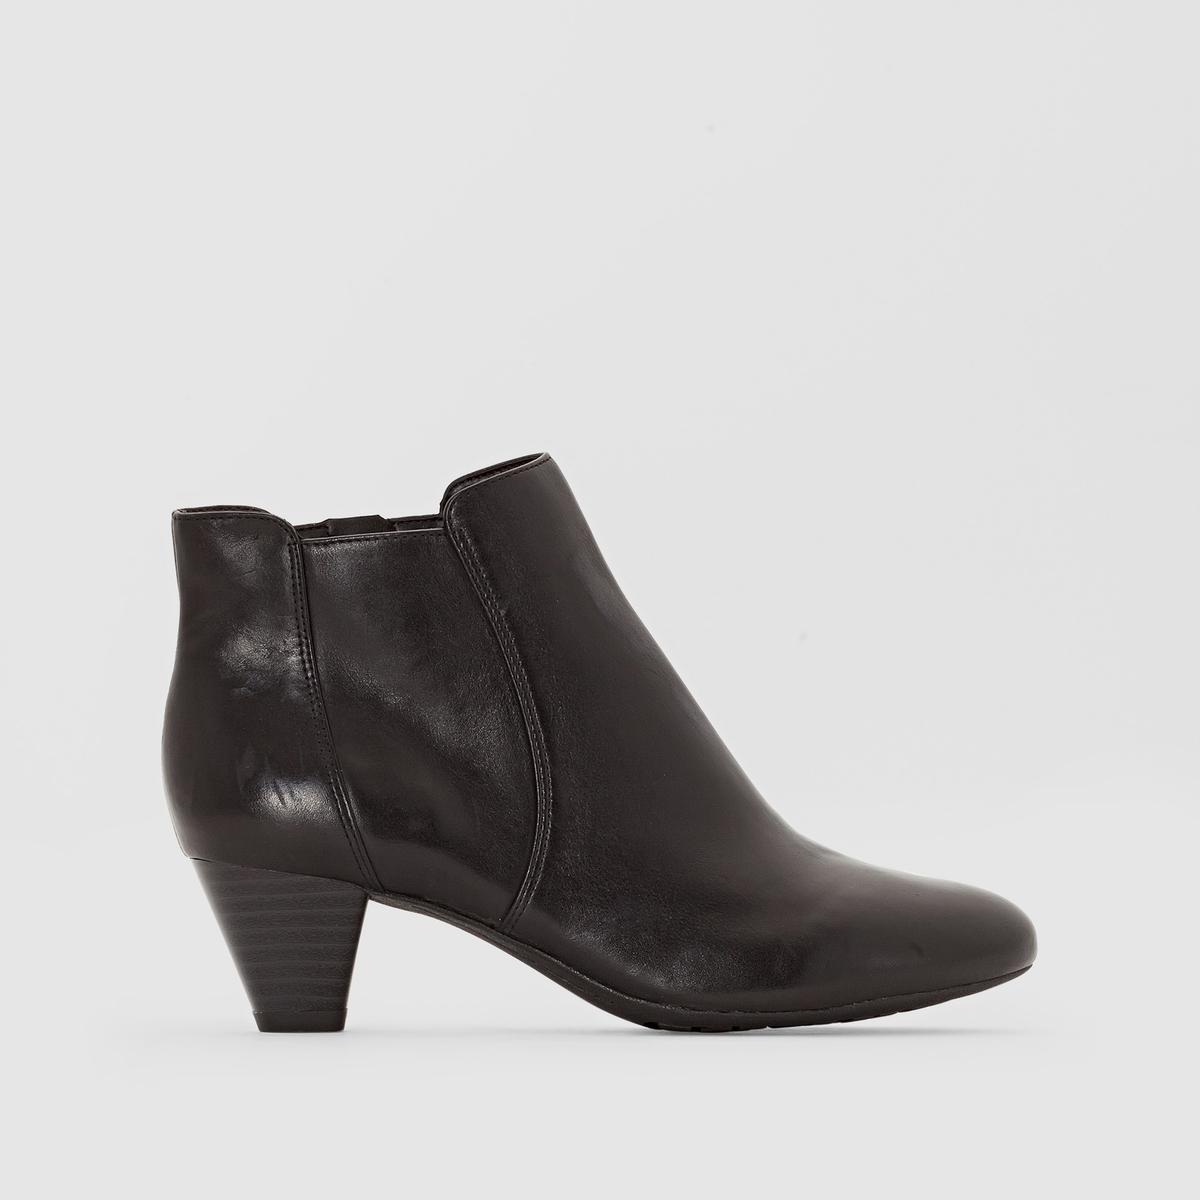 Ботильоны кожаные CLARKS DENNY DIVAБотильоны, модель DENNY DIVA от CLARKS.Верх: кожа. Подкладка: текстиль. Стелька: кожа. Подошва: синтетика. Высота каблука: 5,5 см<br><br>Цвет: черный<br>Размер: 38